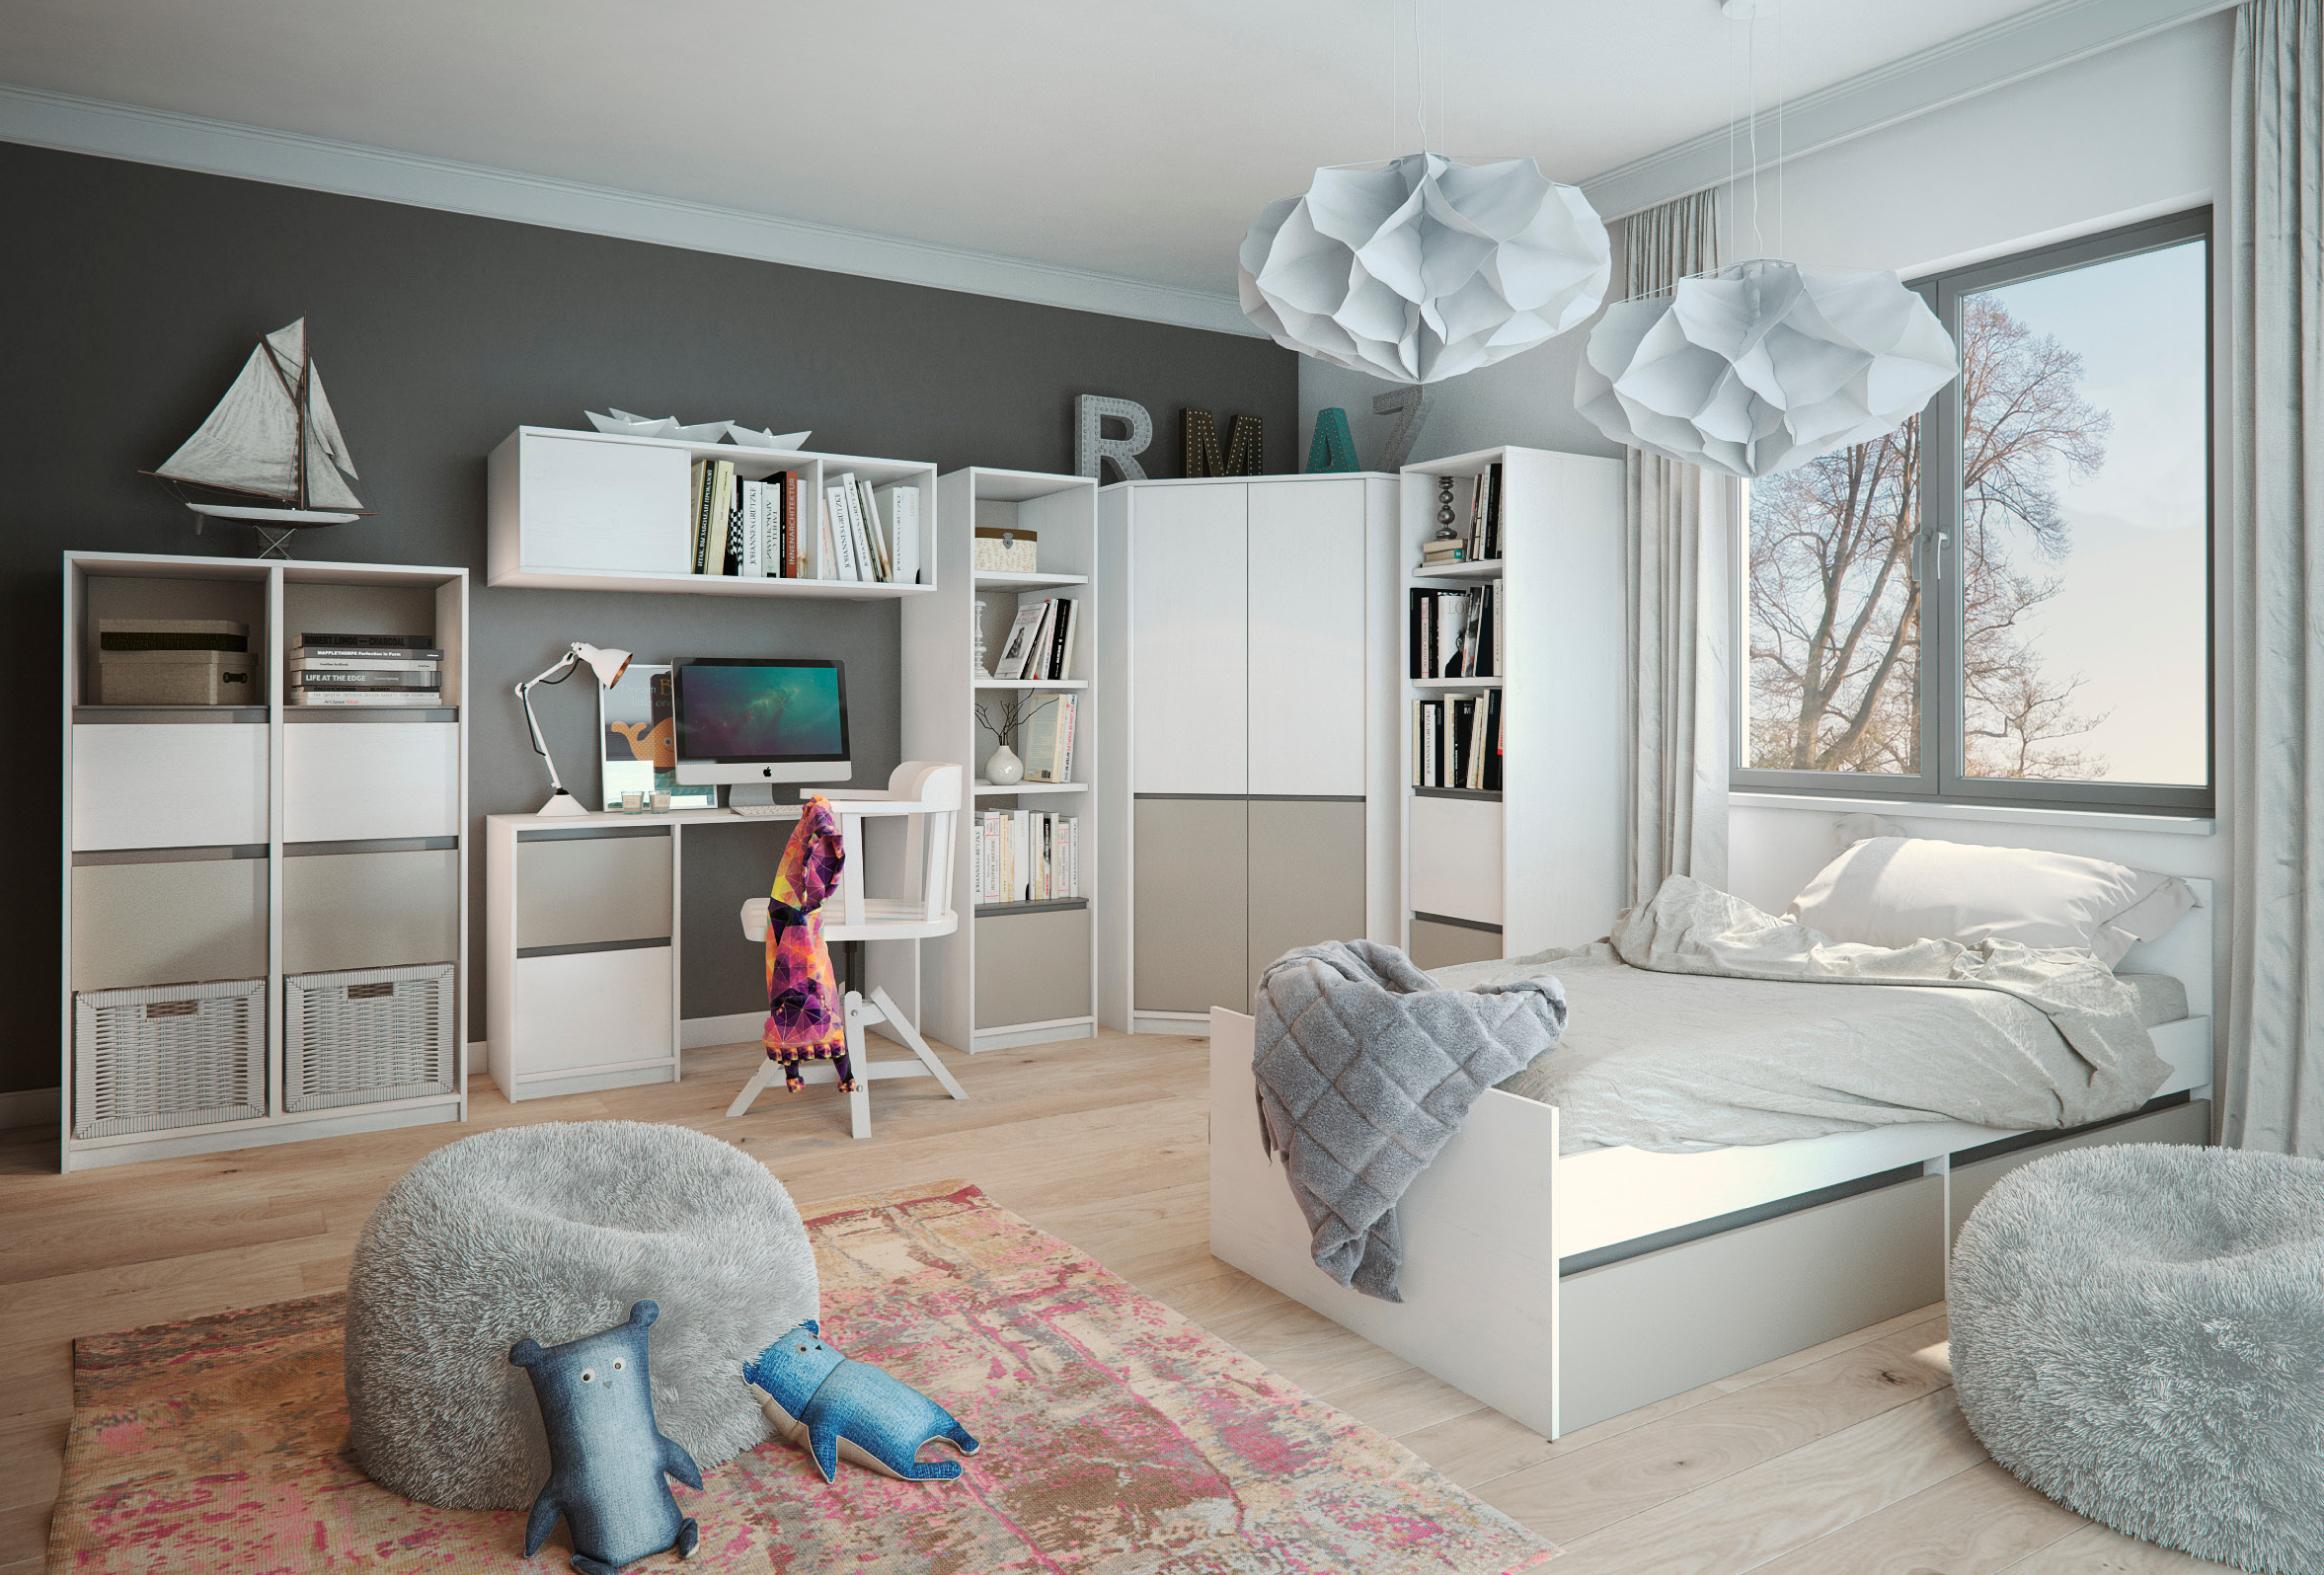 Jaké jsou nejhezčí dětské pokoje? Jak zařídit dětský pokoj?